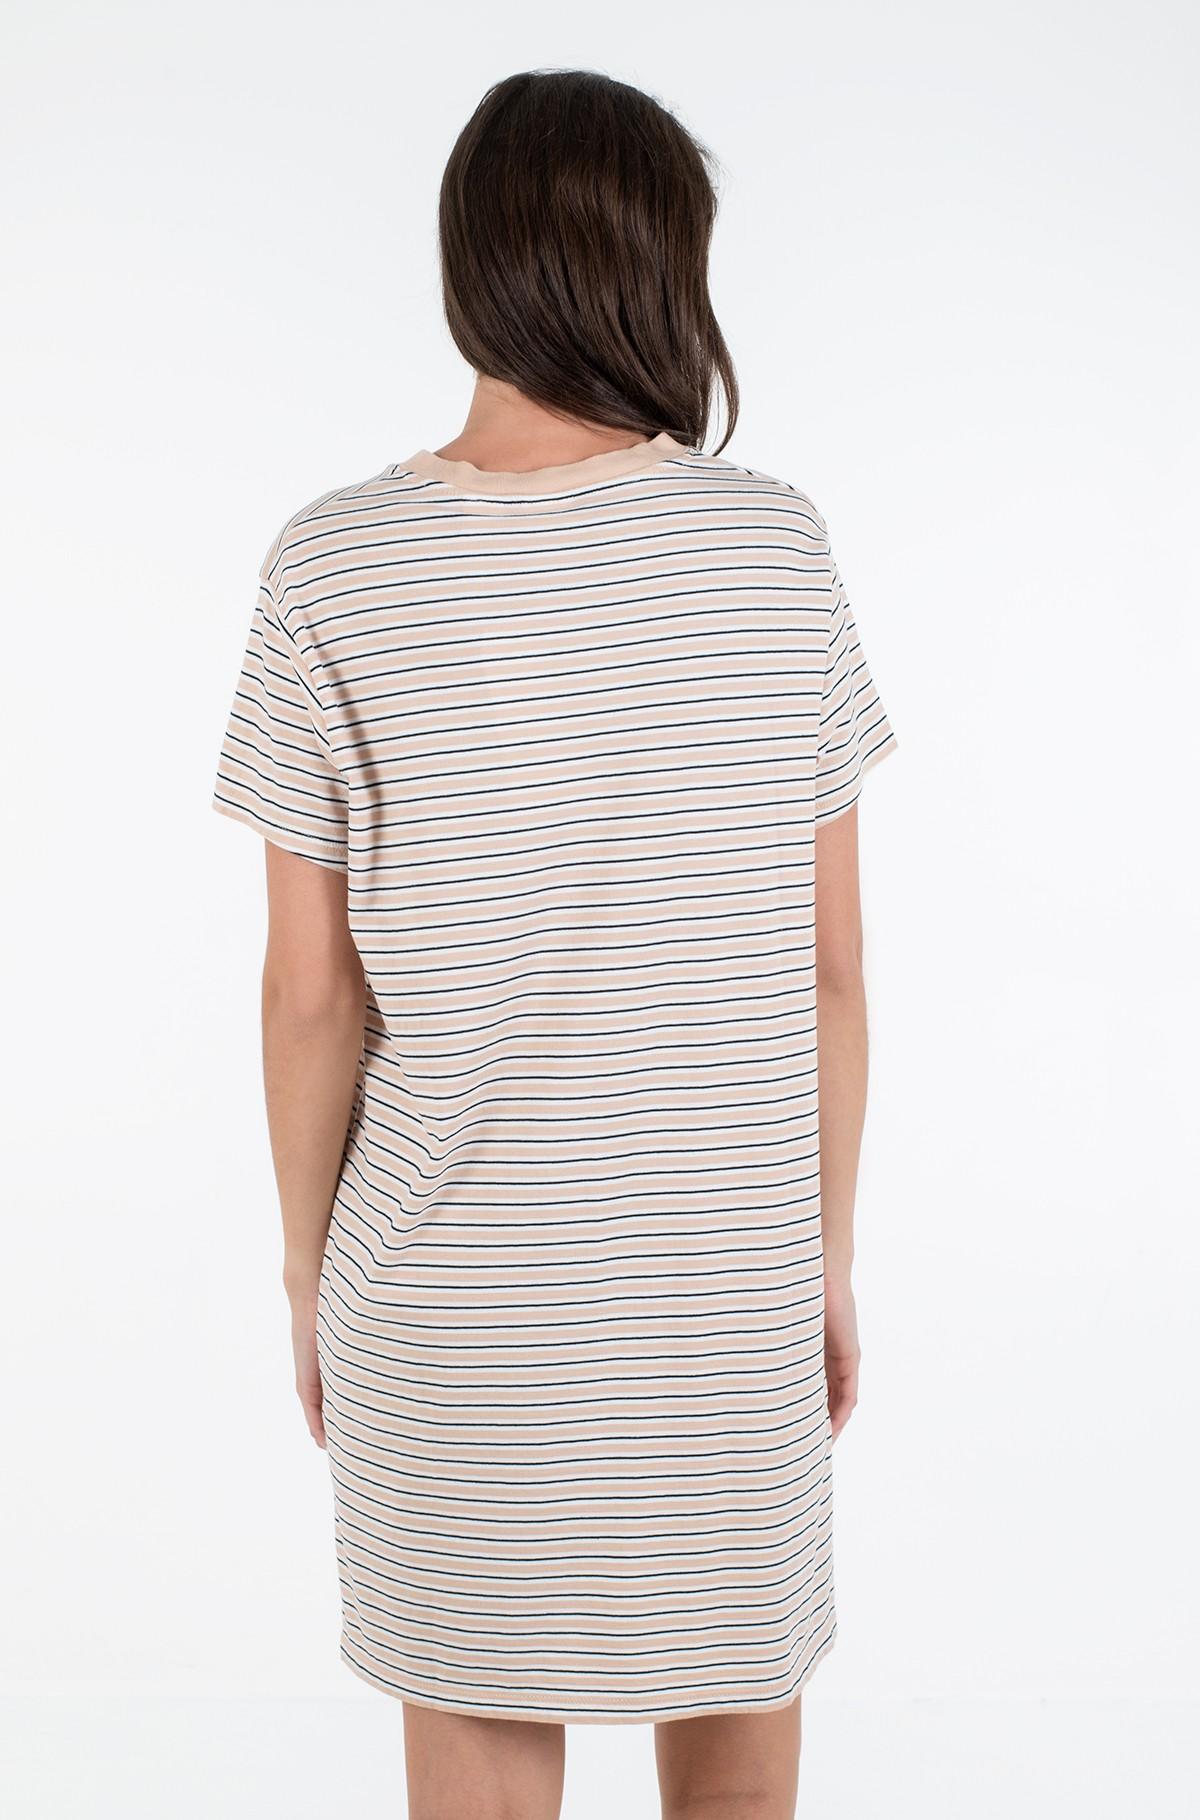 Marškinių tipo suknelė 249340003-full-2